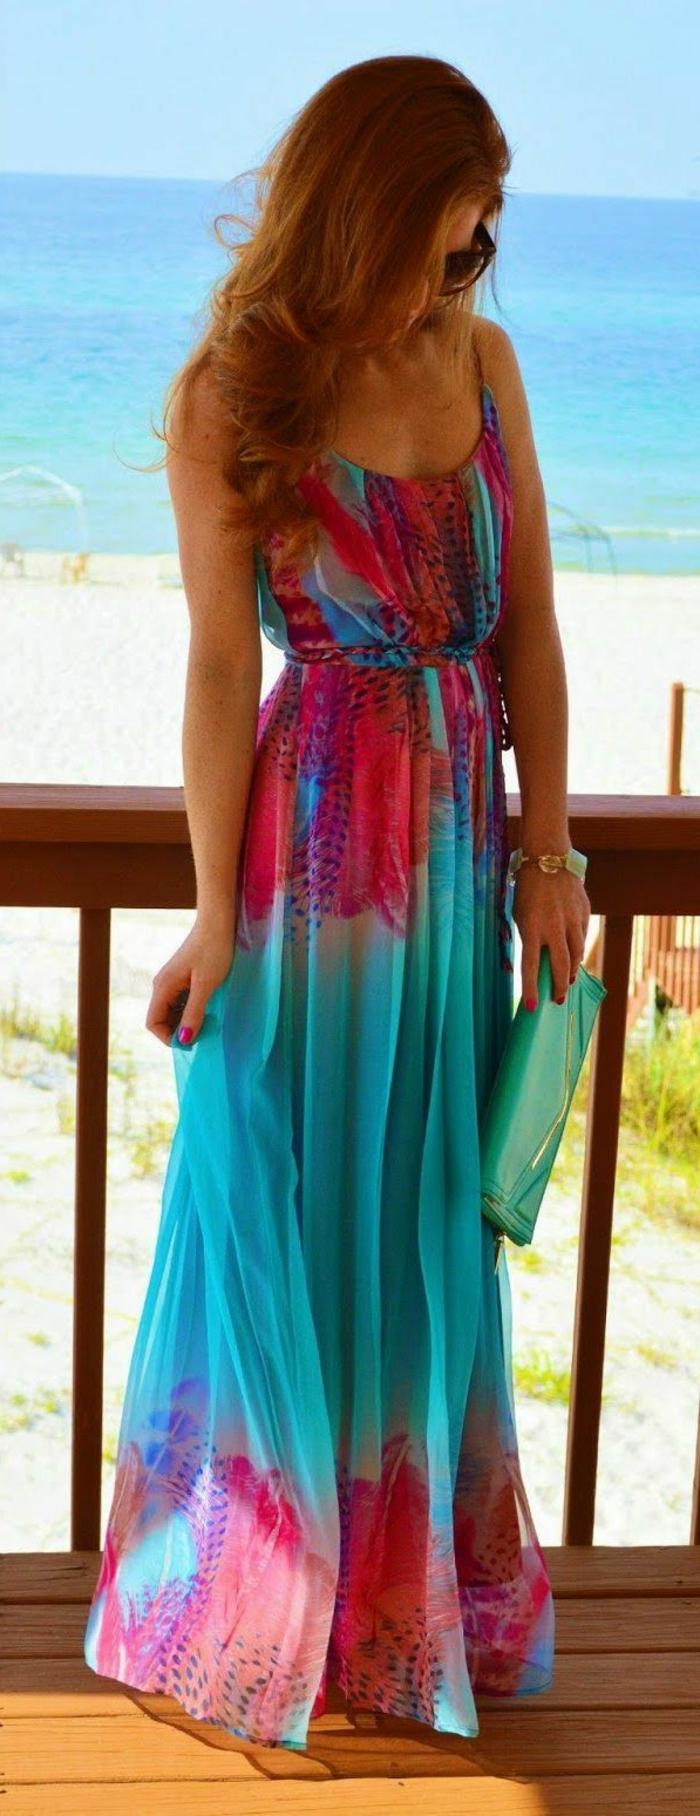 la-robe-longue-été-pas-cher-robe-d-été-longue-mer-sable-robe-colorée